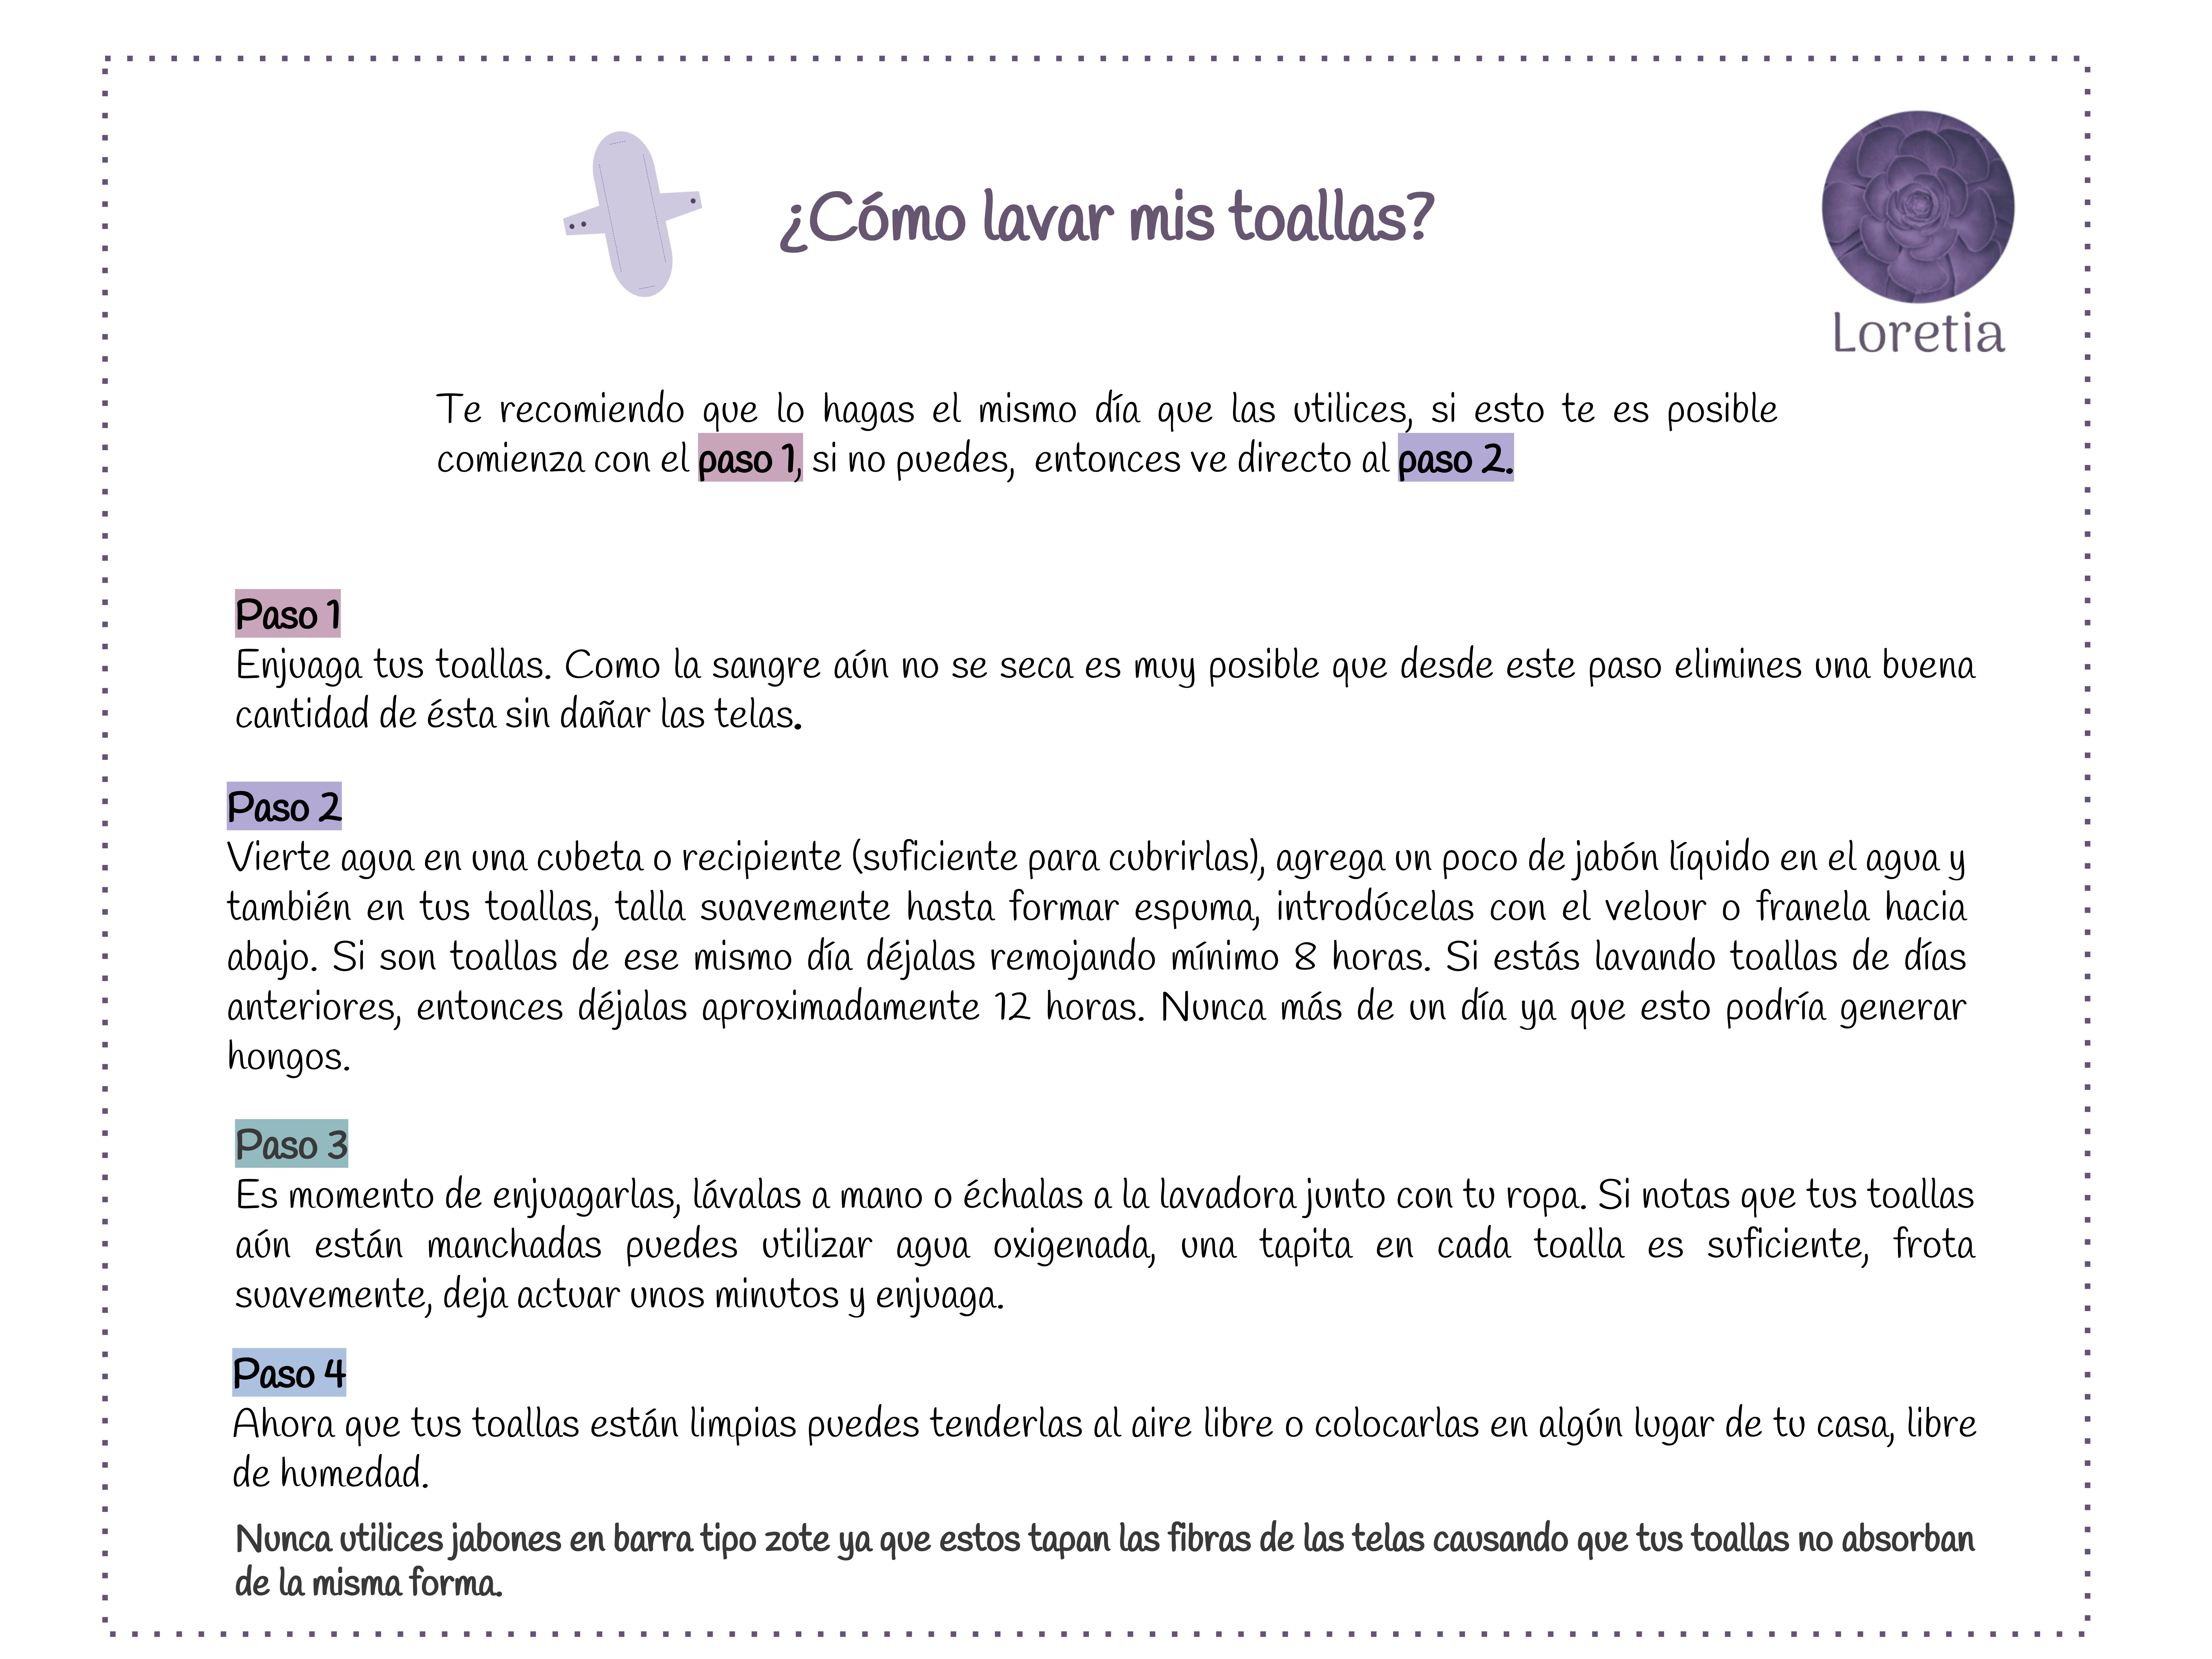 INSTRUCCIONES DE LAVADO-LORETIA